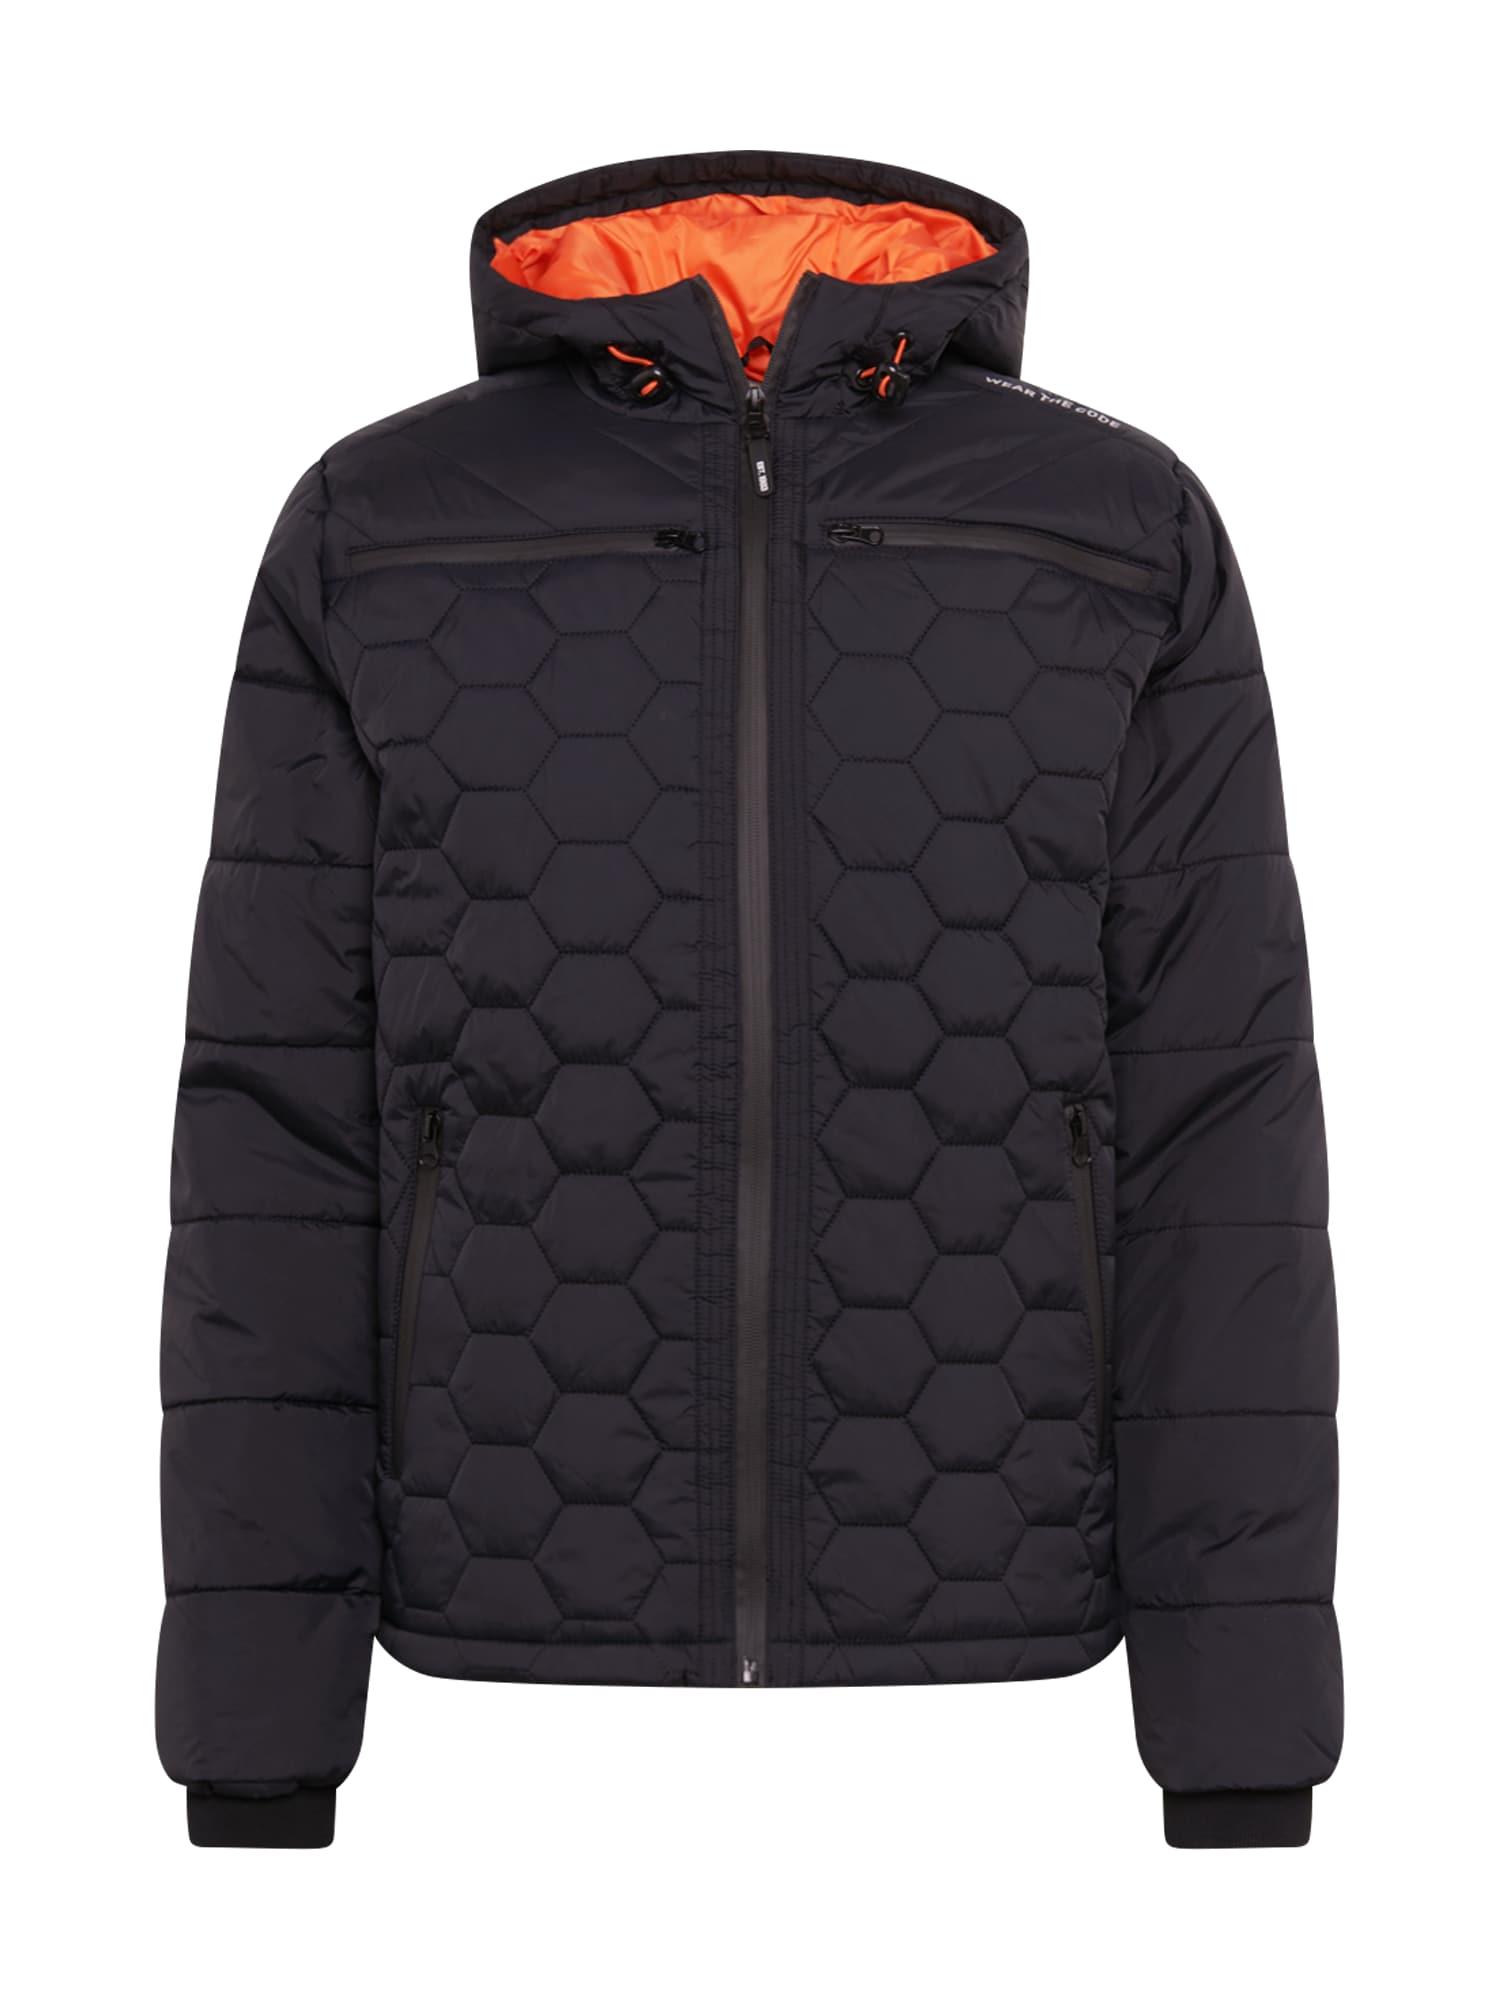 INDICODE JEANS Přechodná bunda 'Coates'  tmavě oranžová / černý melír